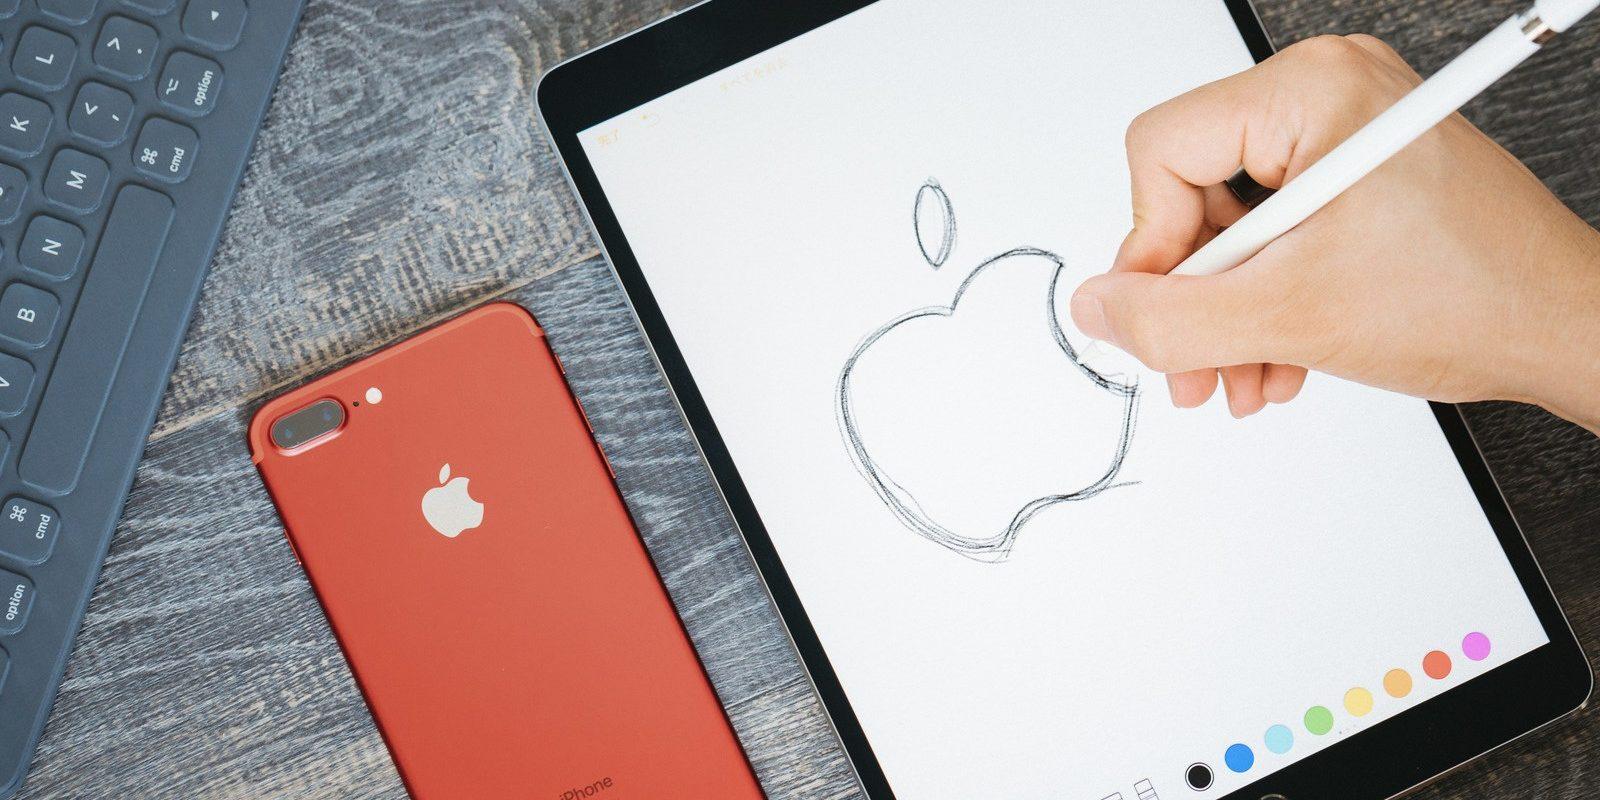 林檎マークをタブレットで模写する